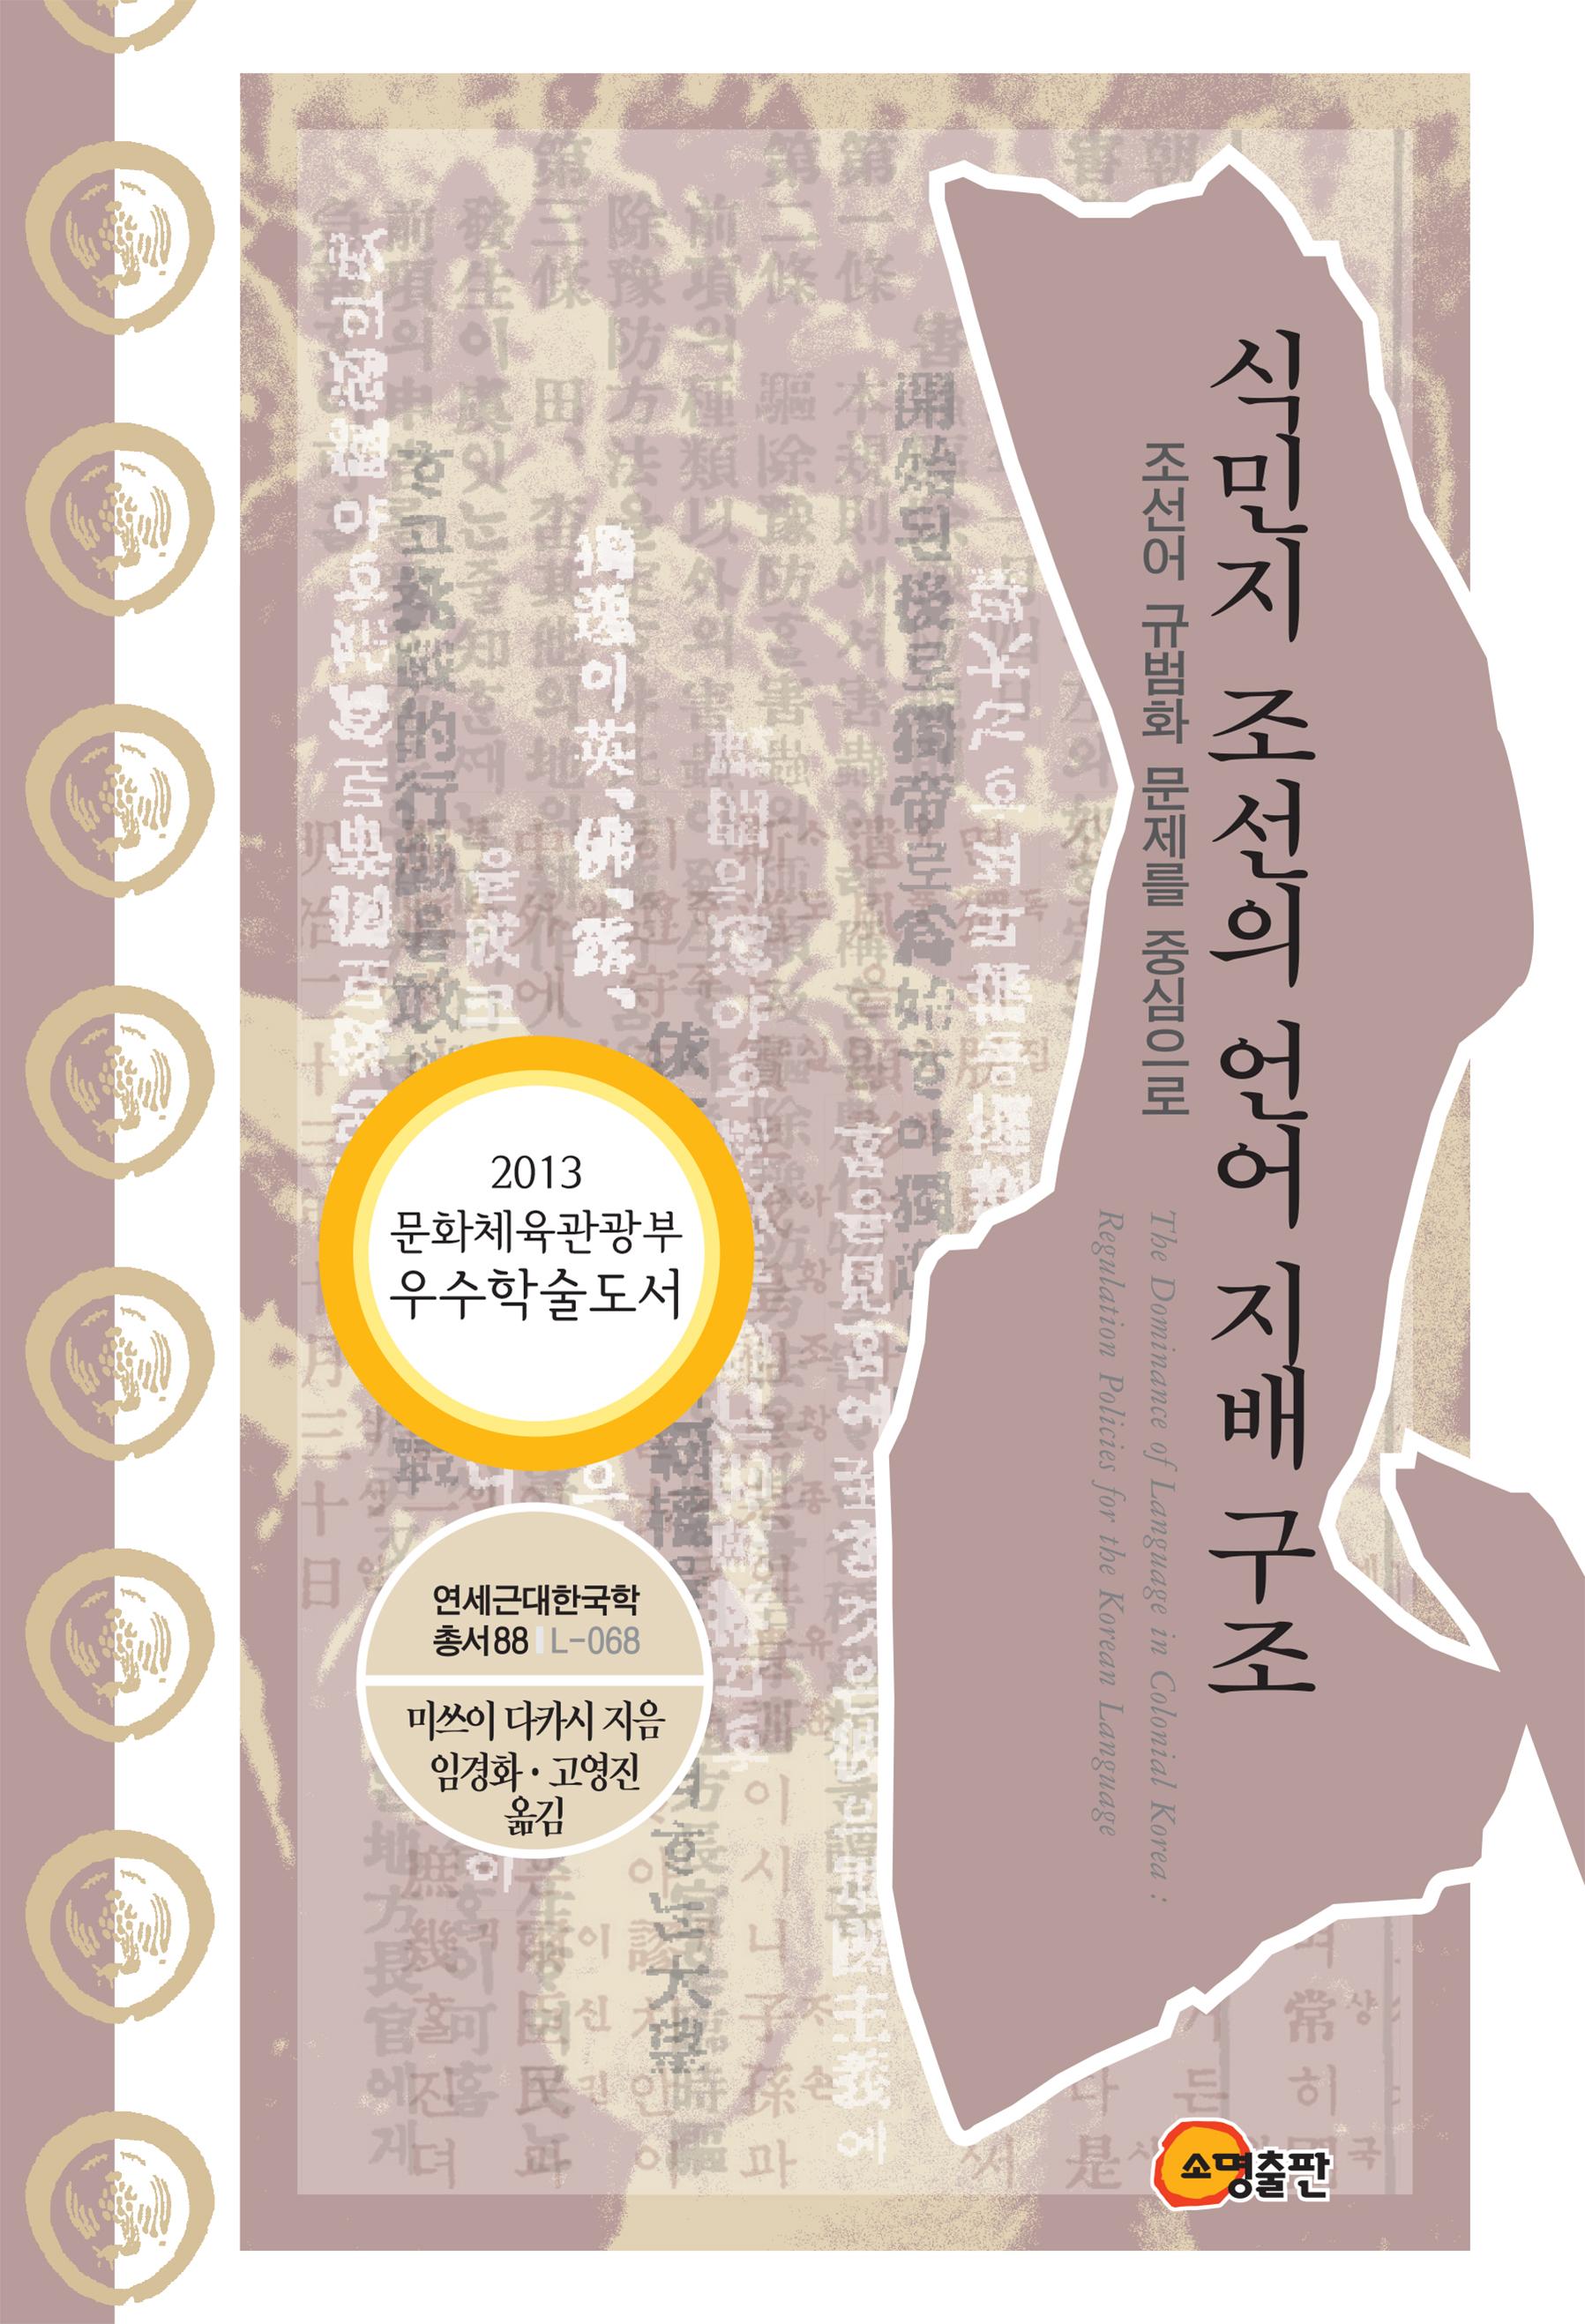 (조선어 규범화 문제를 중심으로) 식민지 조선의 언어 지배 구조